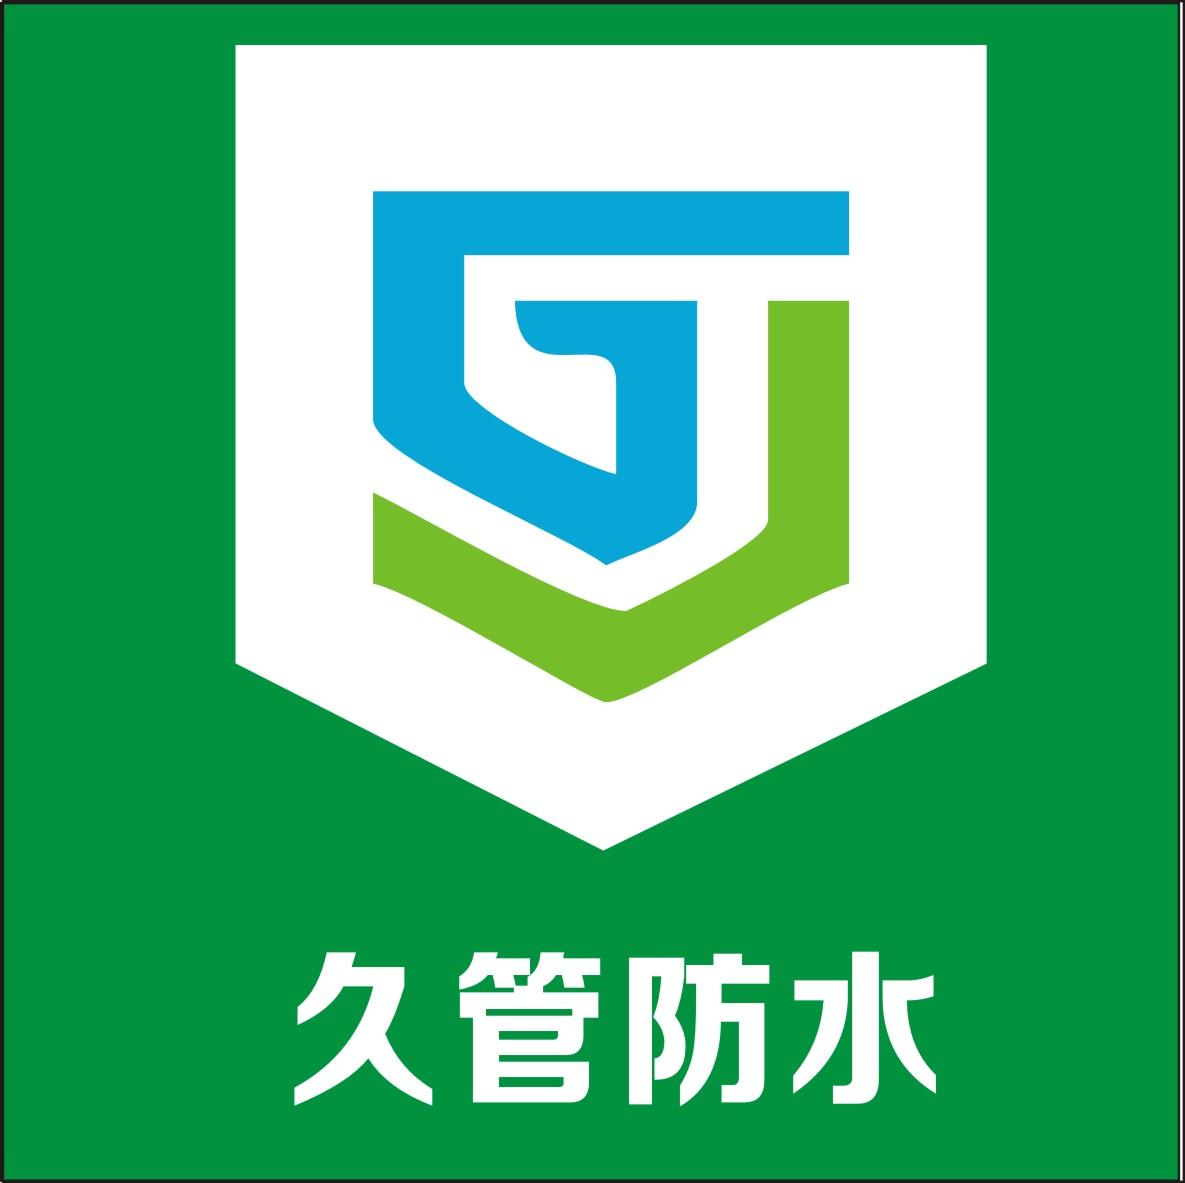 广州久管建材有限公司